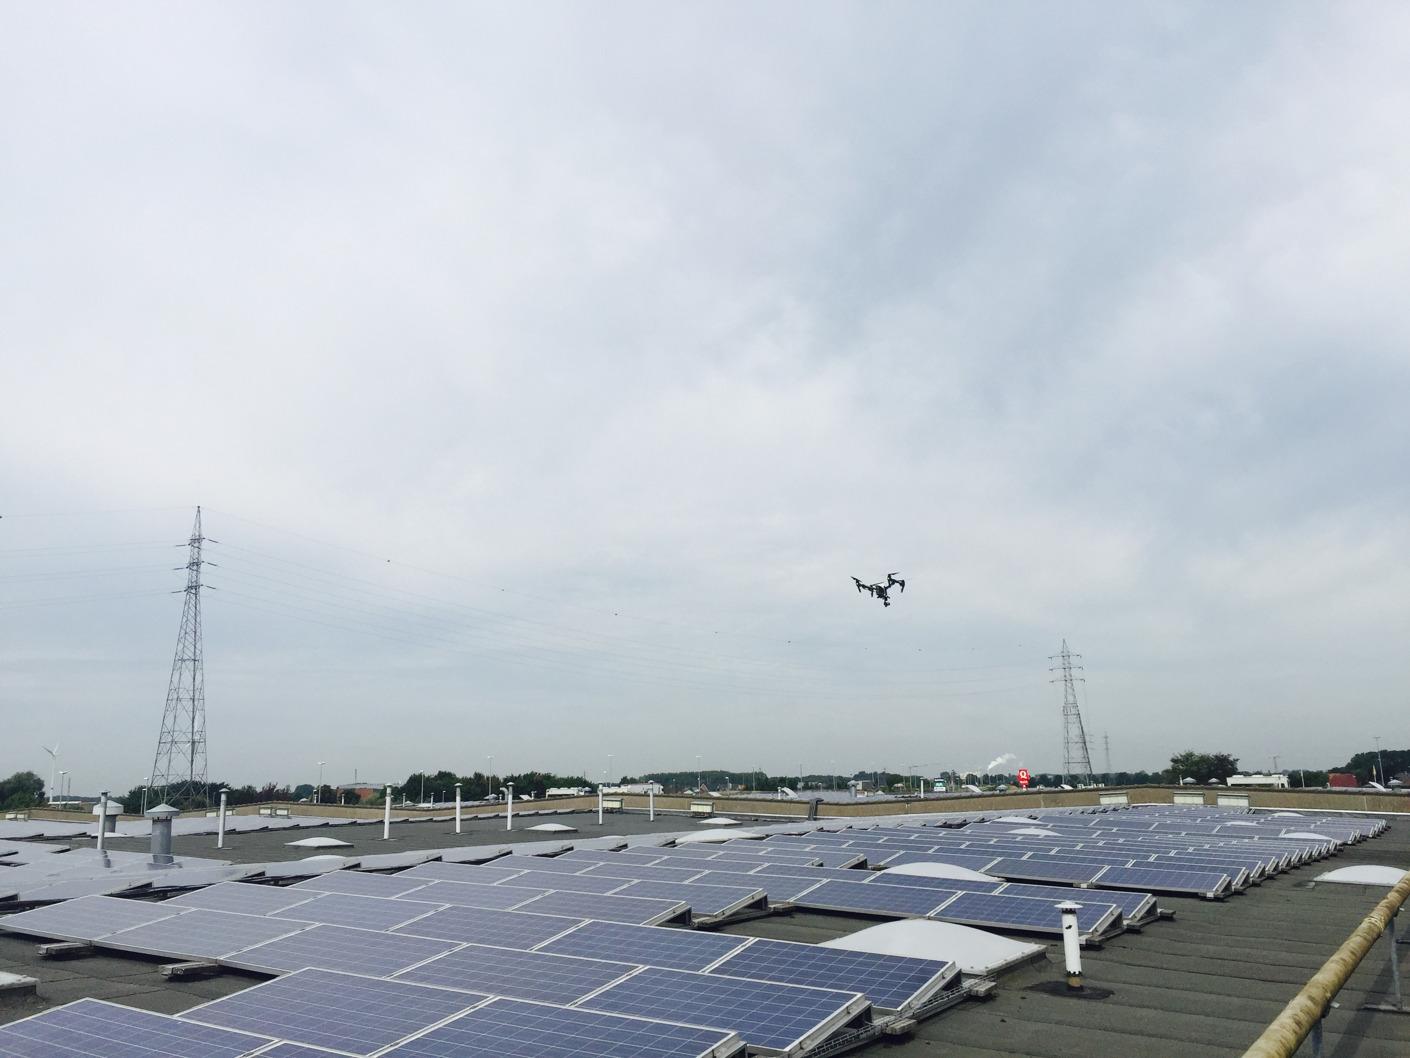 Primeur: Eneco zet drones in voor controles van zonne-installaties